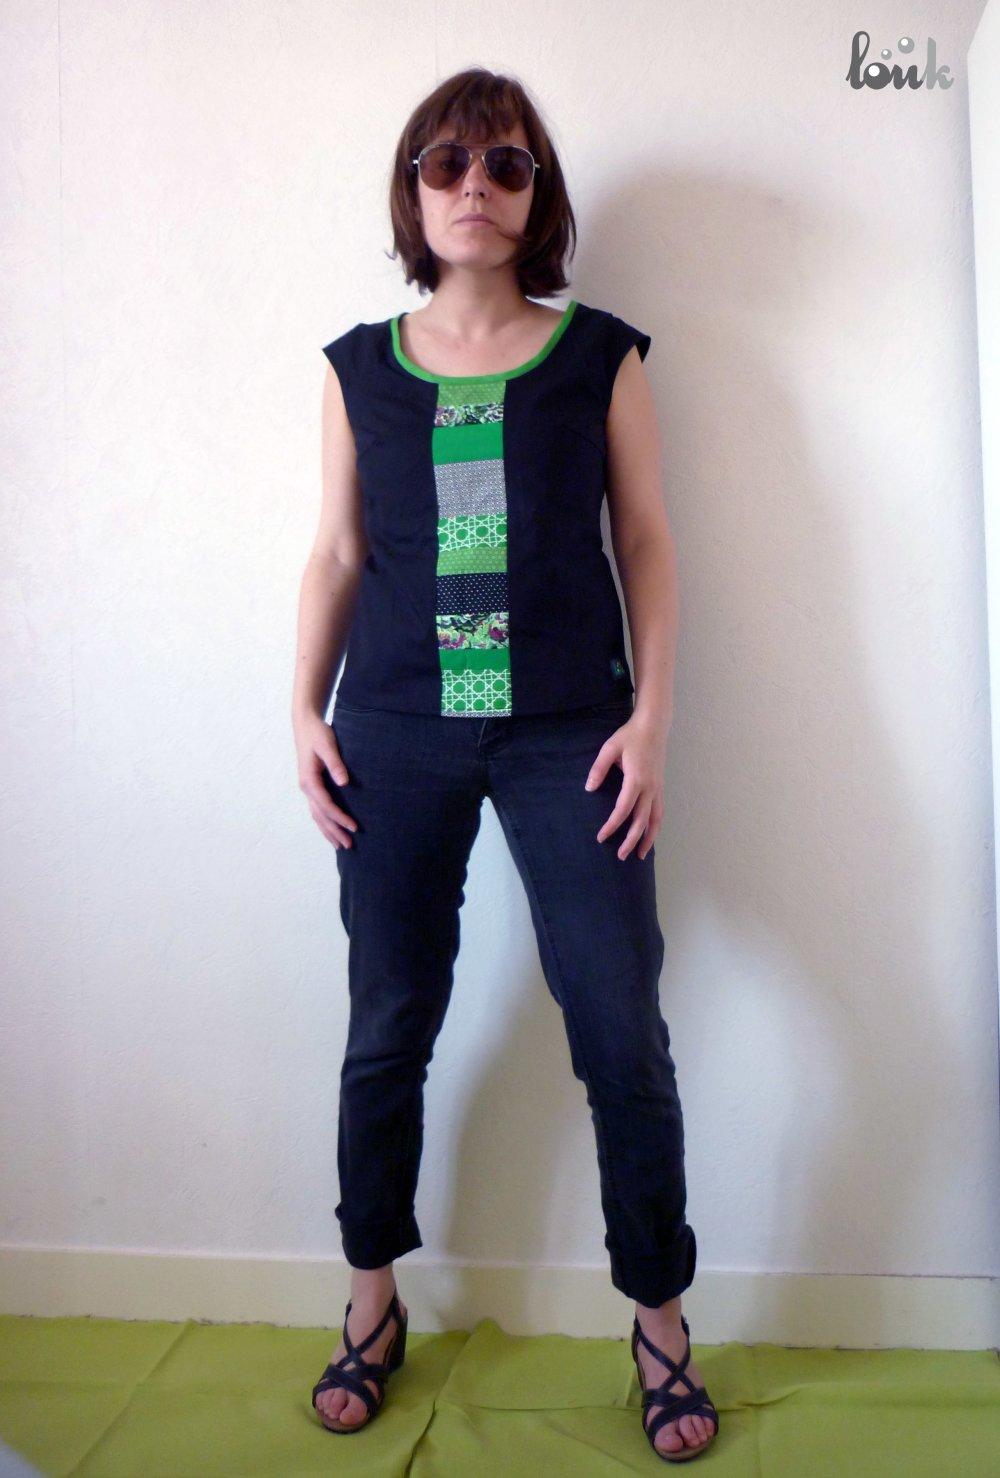 Haut rétro noir, bande patchwork vert et noir